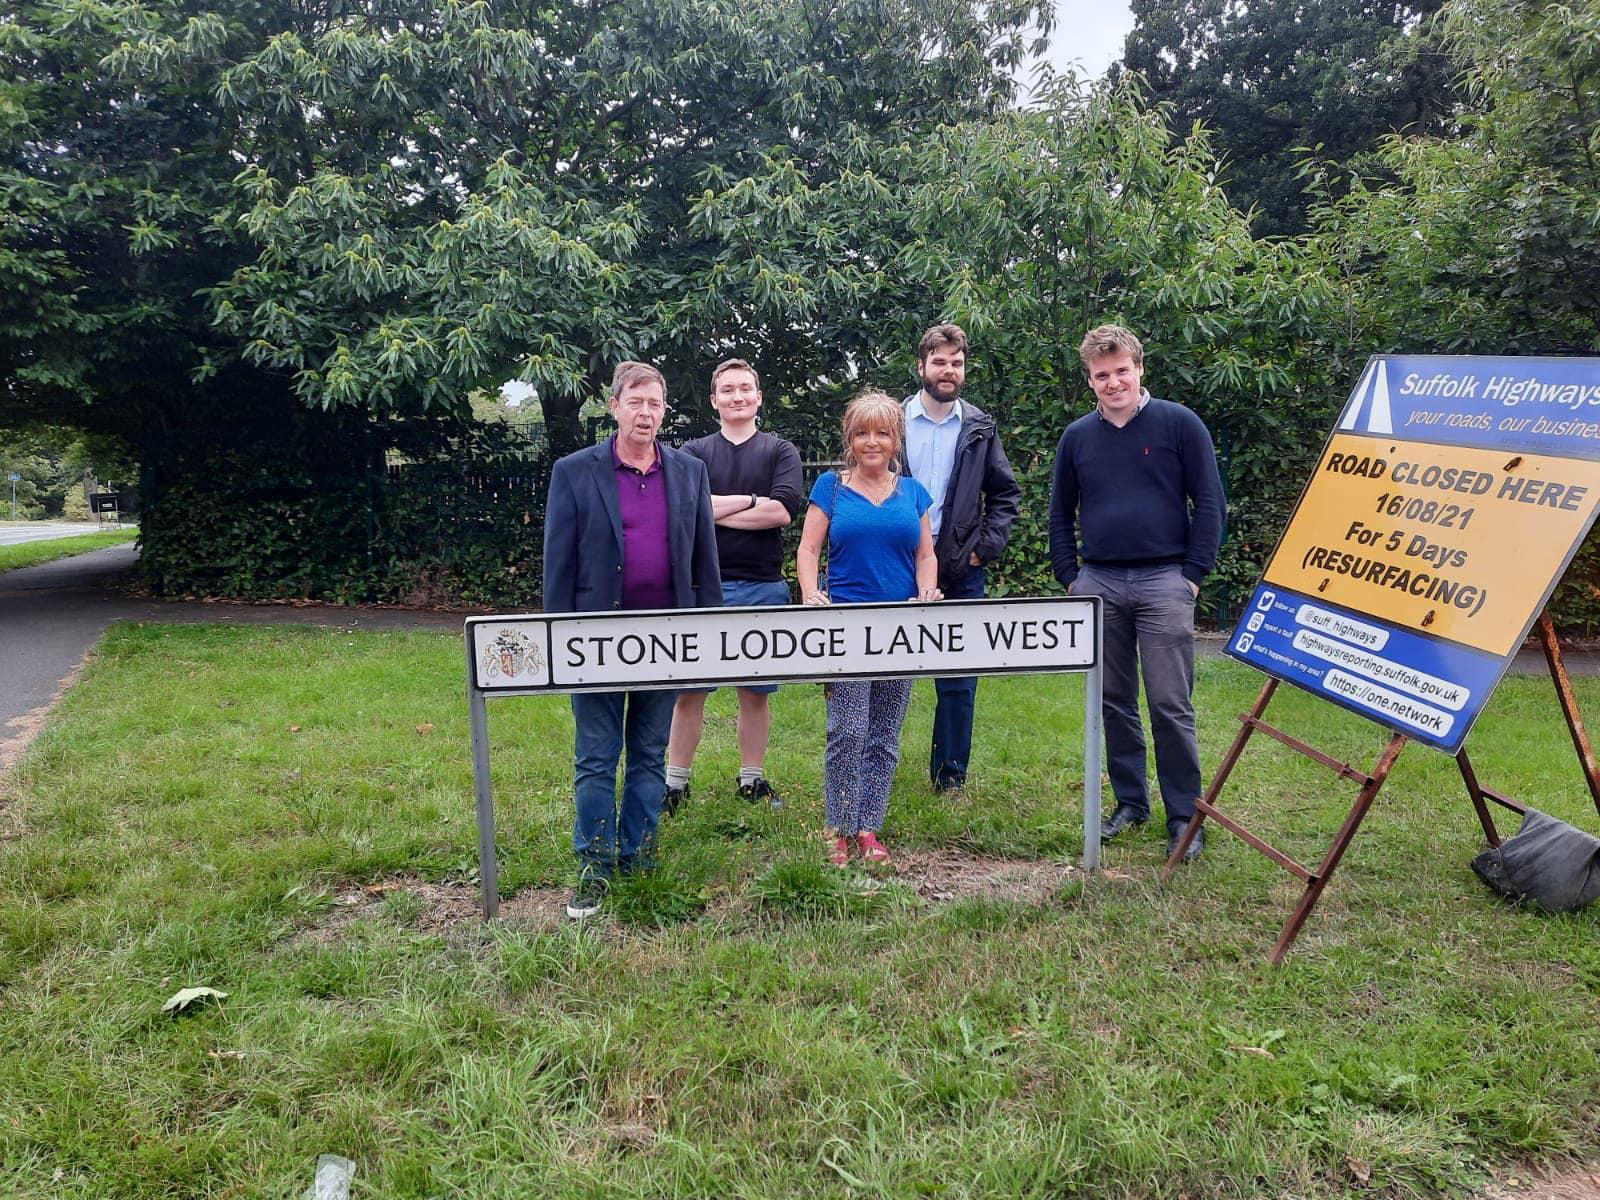 Stone Lodge Lane West Resurfacing